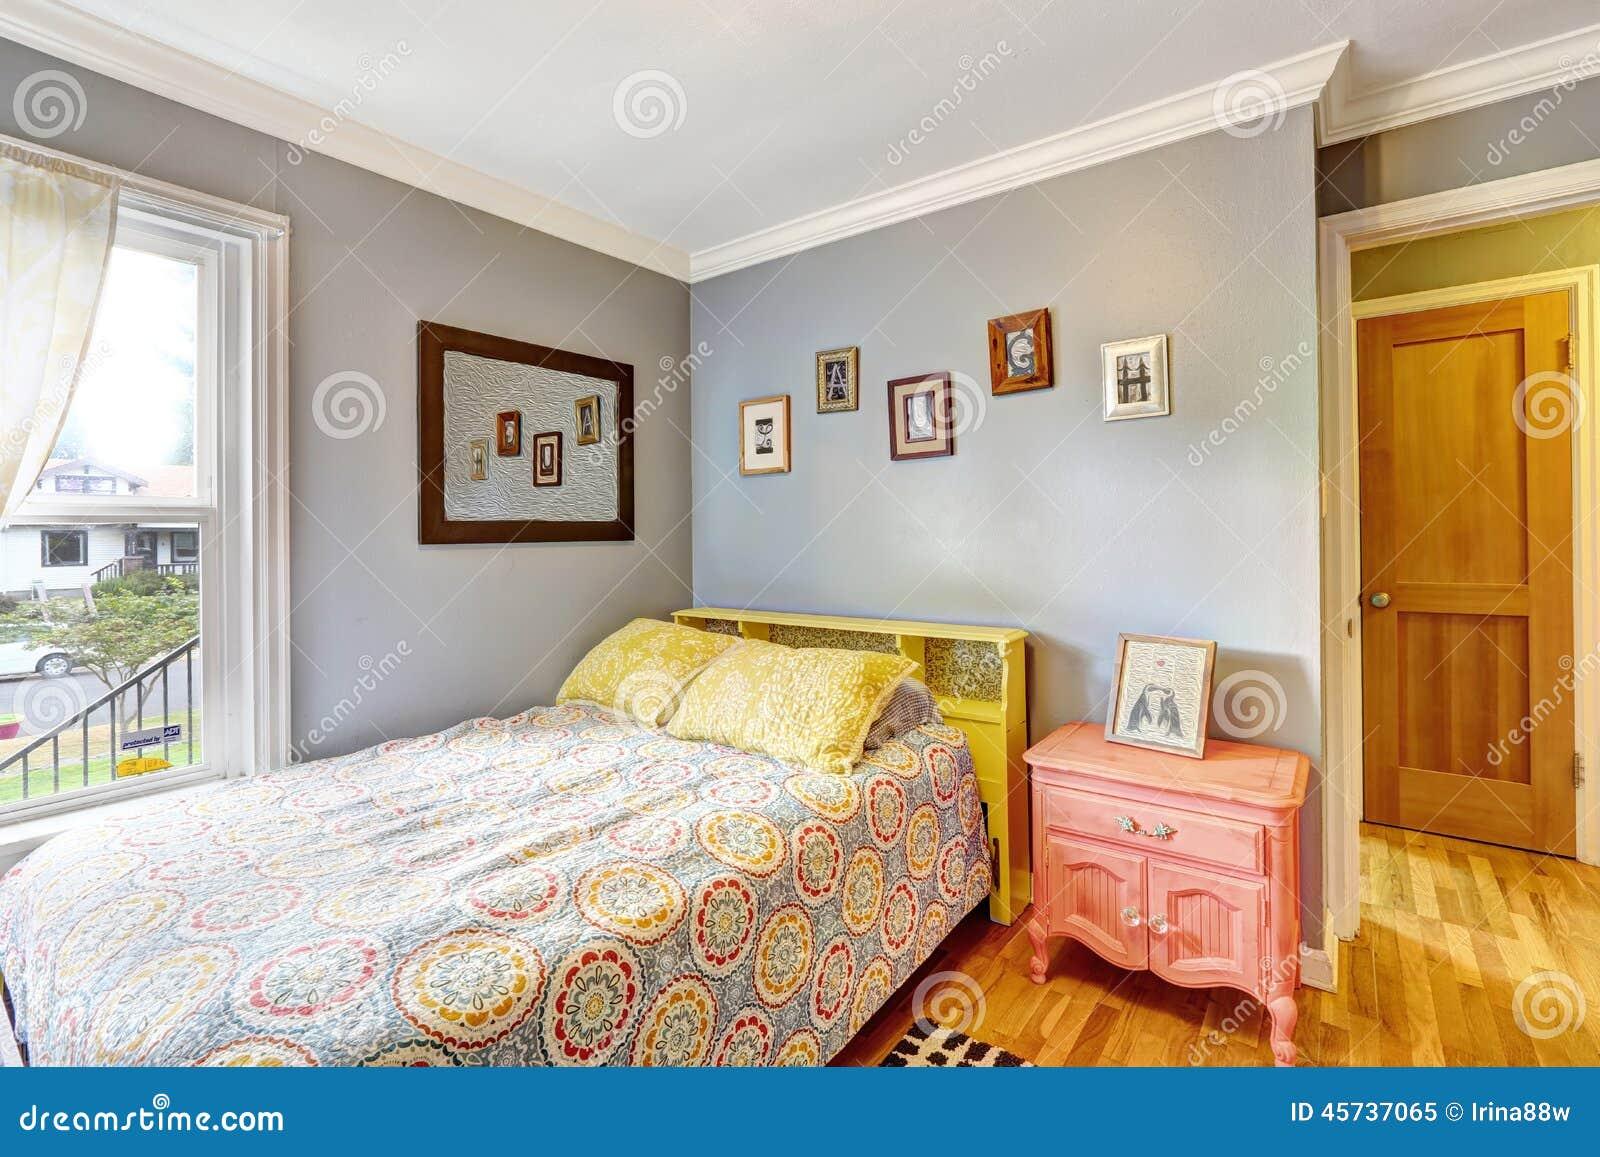 Gele Muur Slaapkamer : Eenvoudige slaapkamer met lichtblauwe muren stock afbeelding